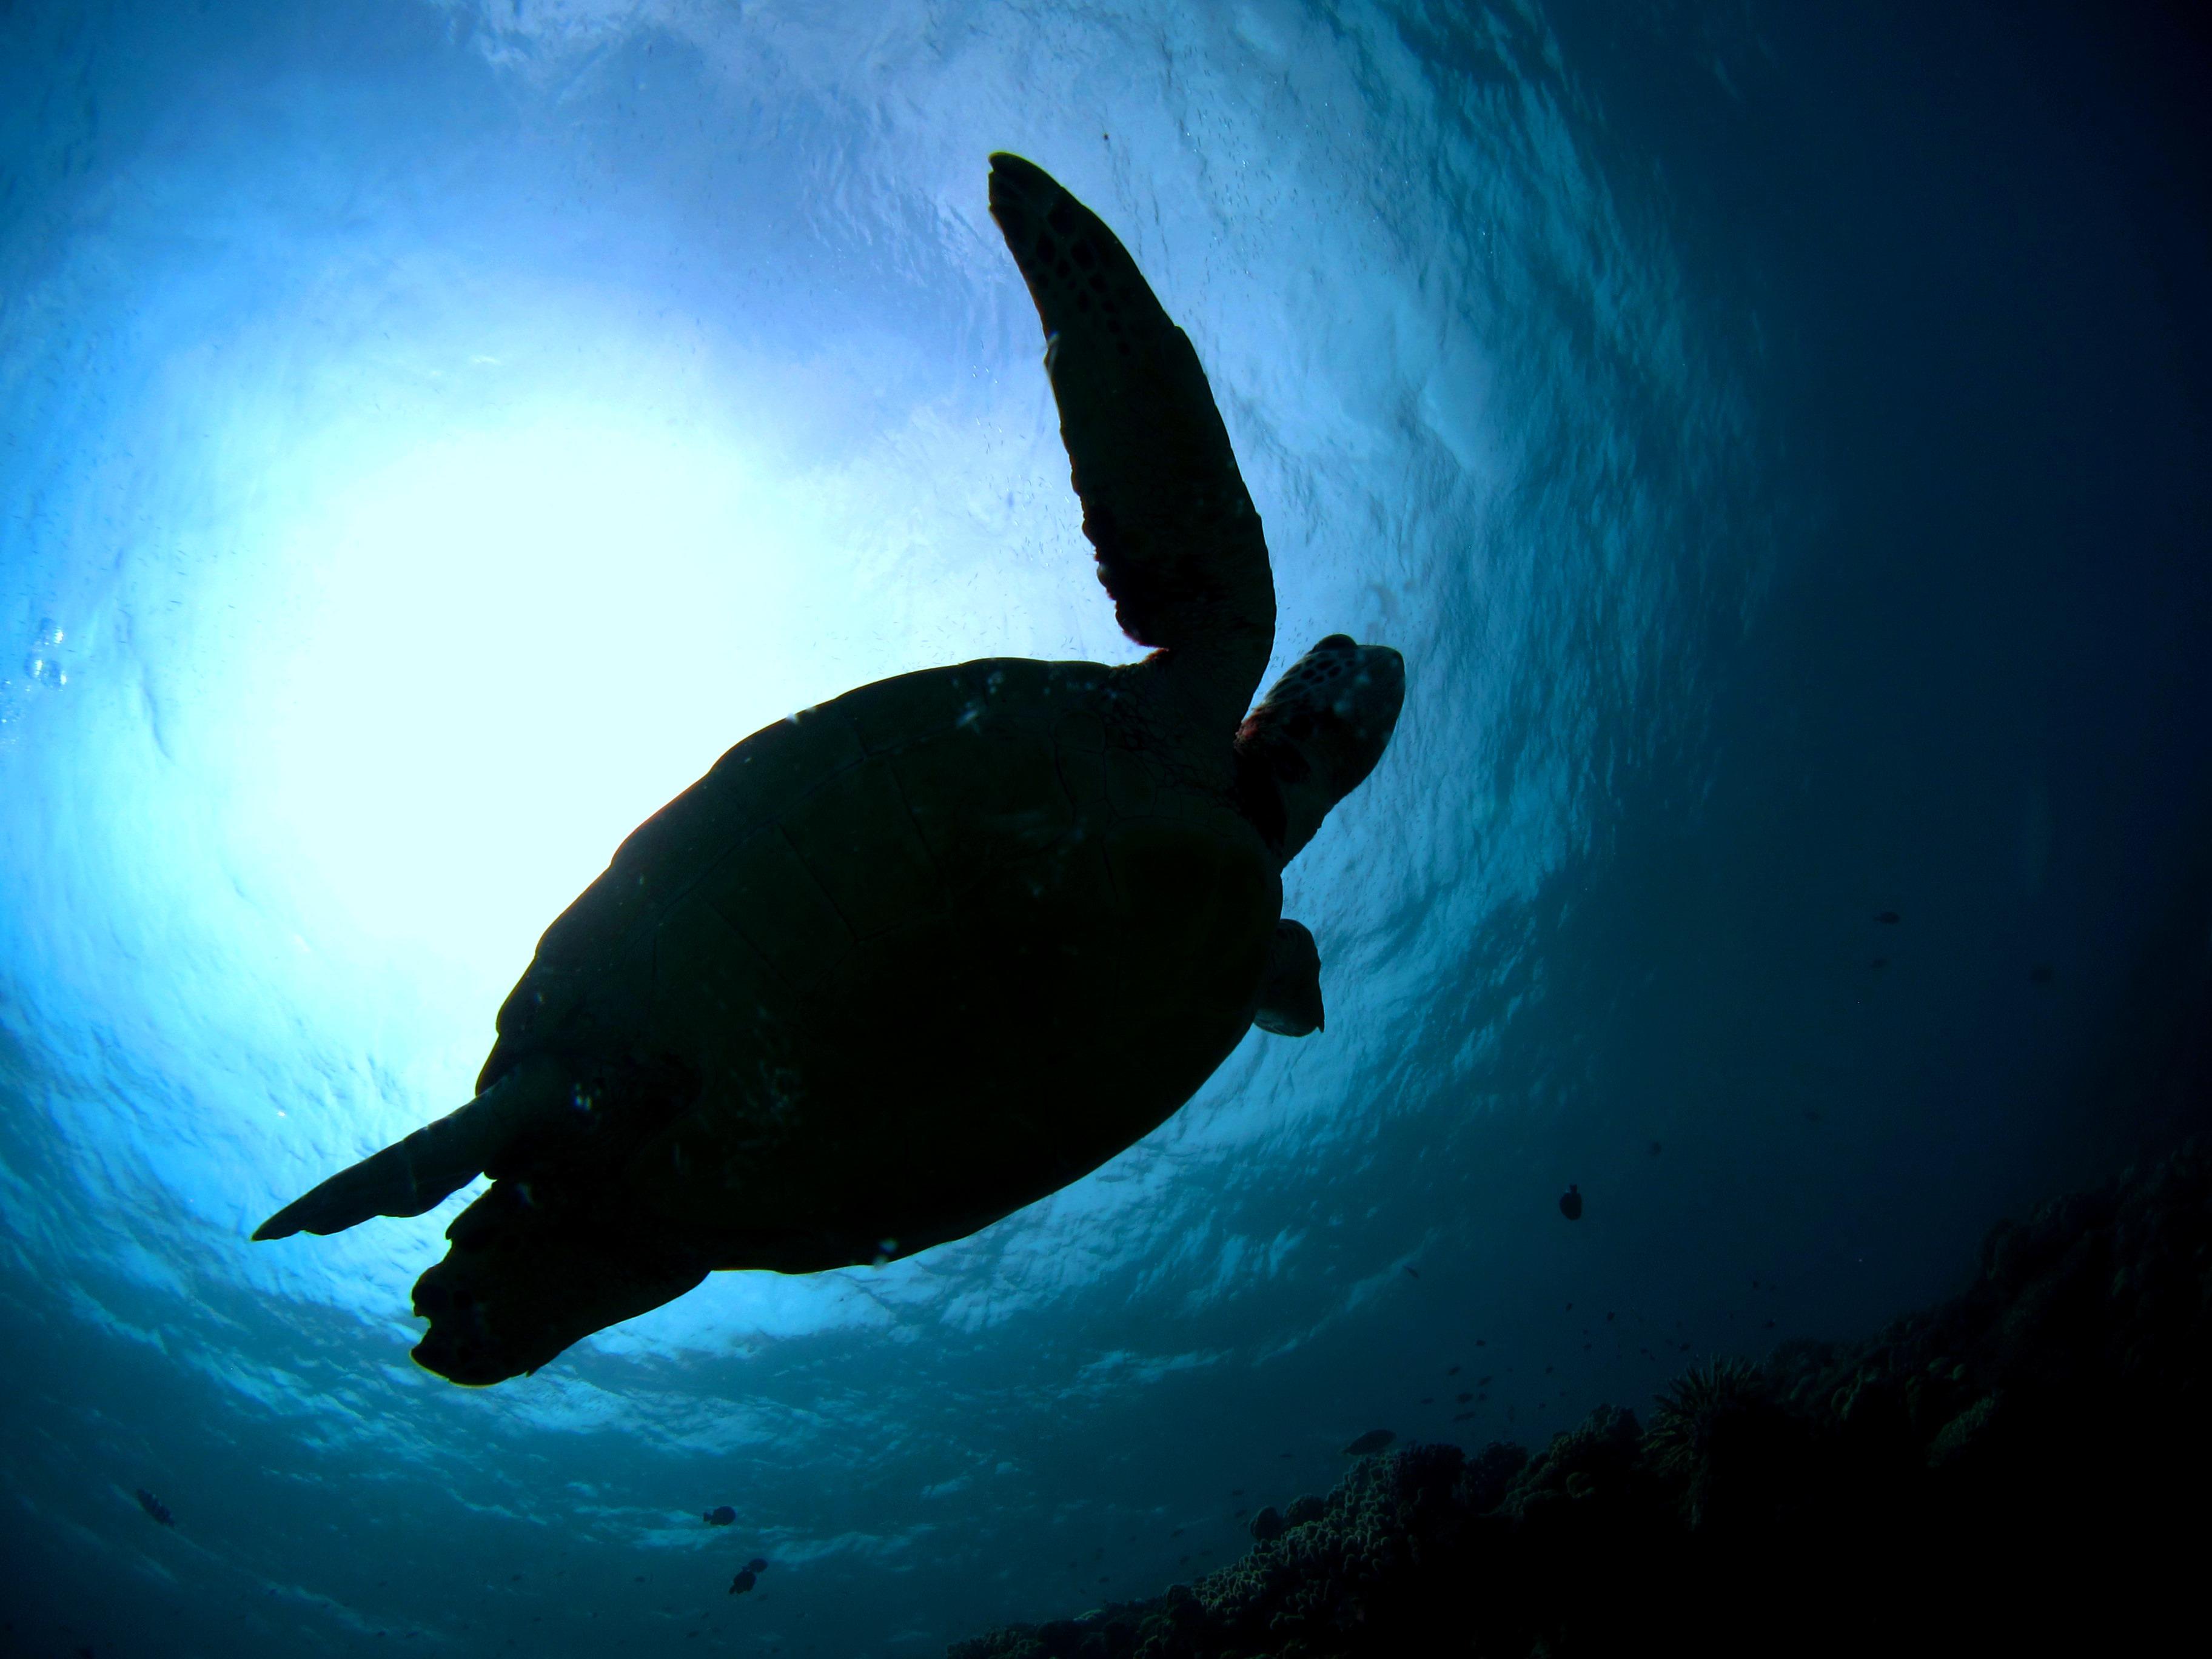 アオウミガメ|ブルーリーフ